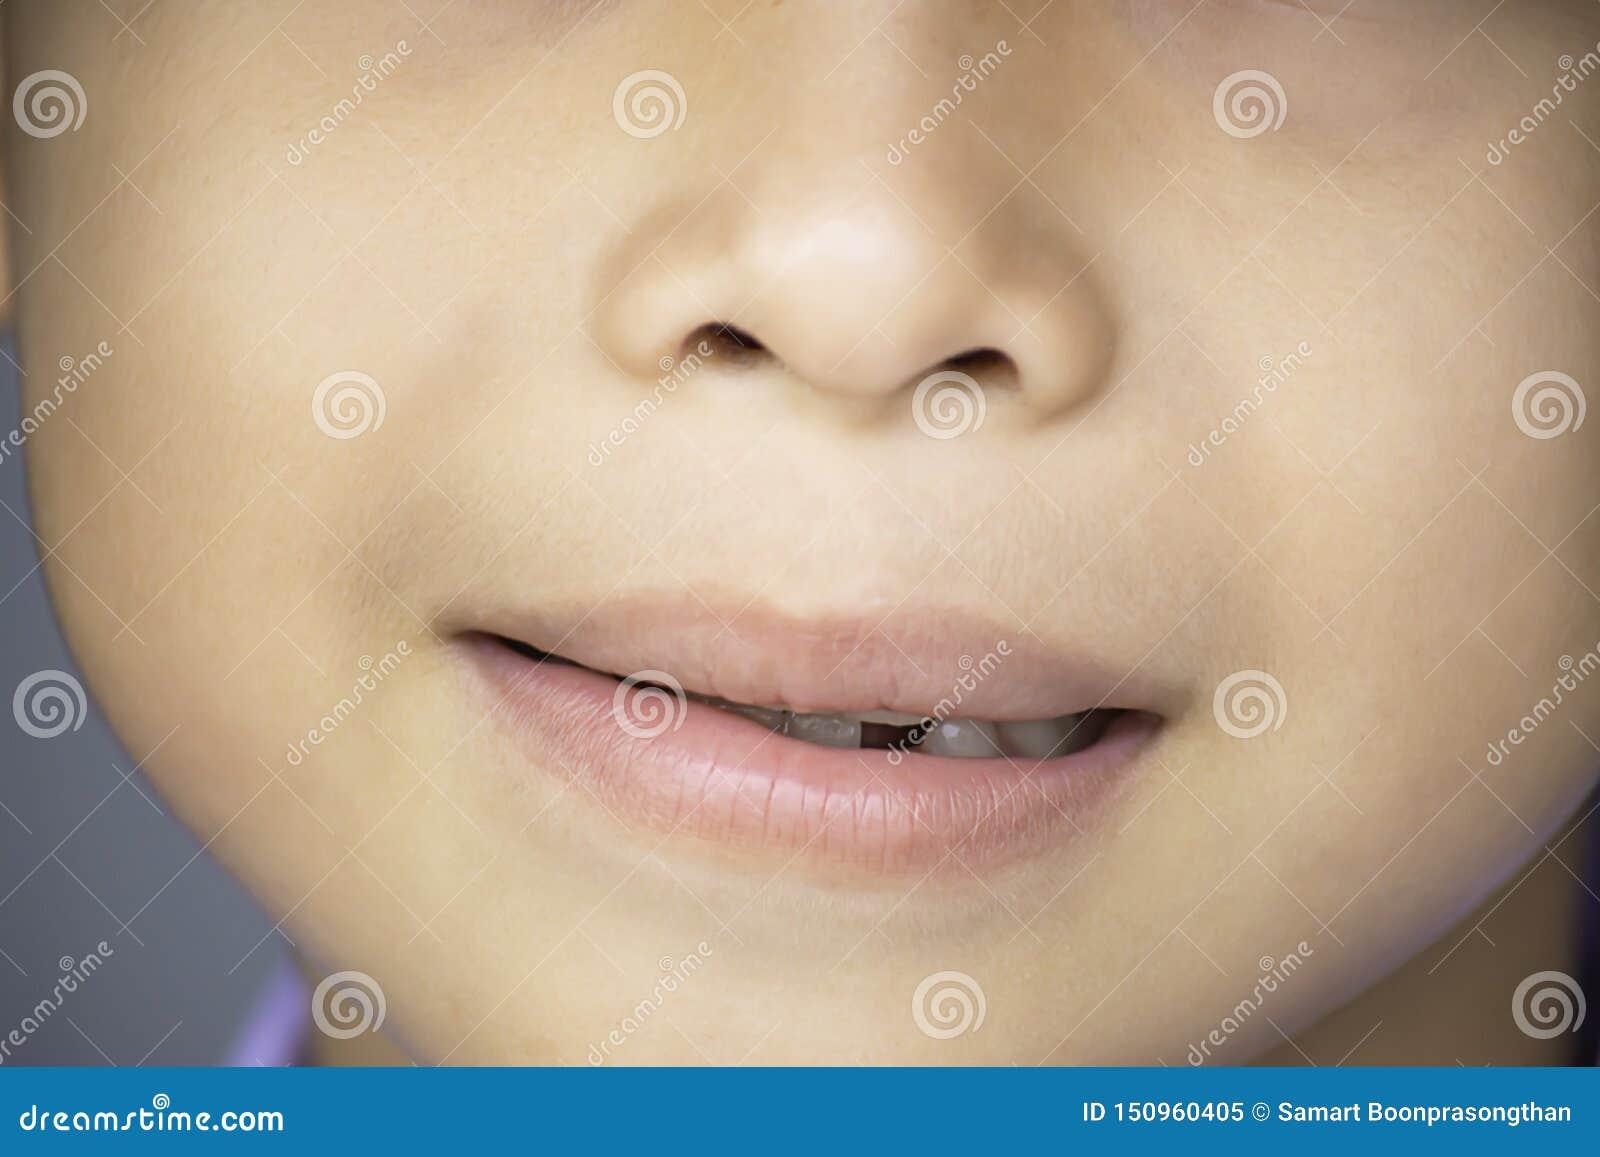 De melktanden worden enkel gelaten vallen in de mond